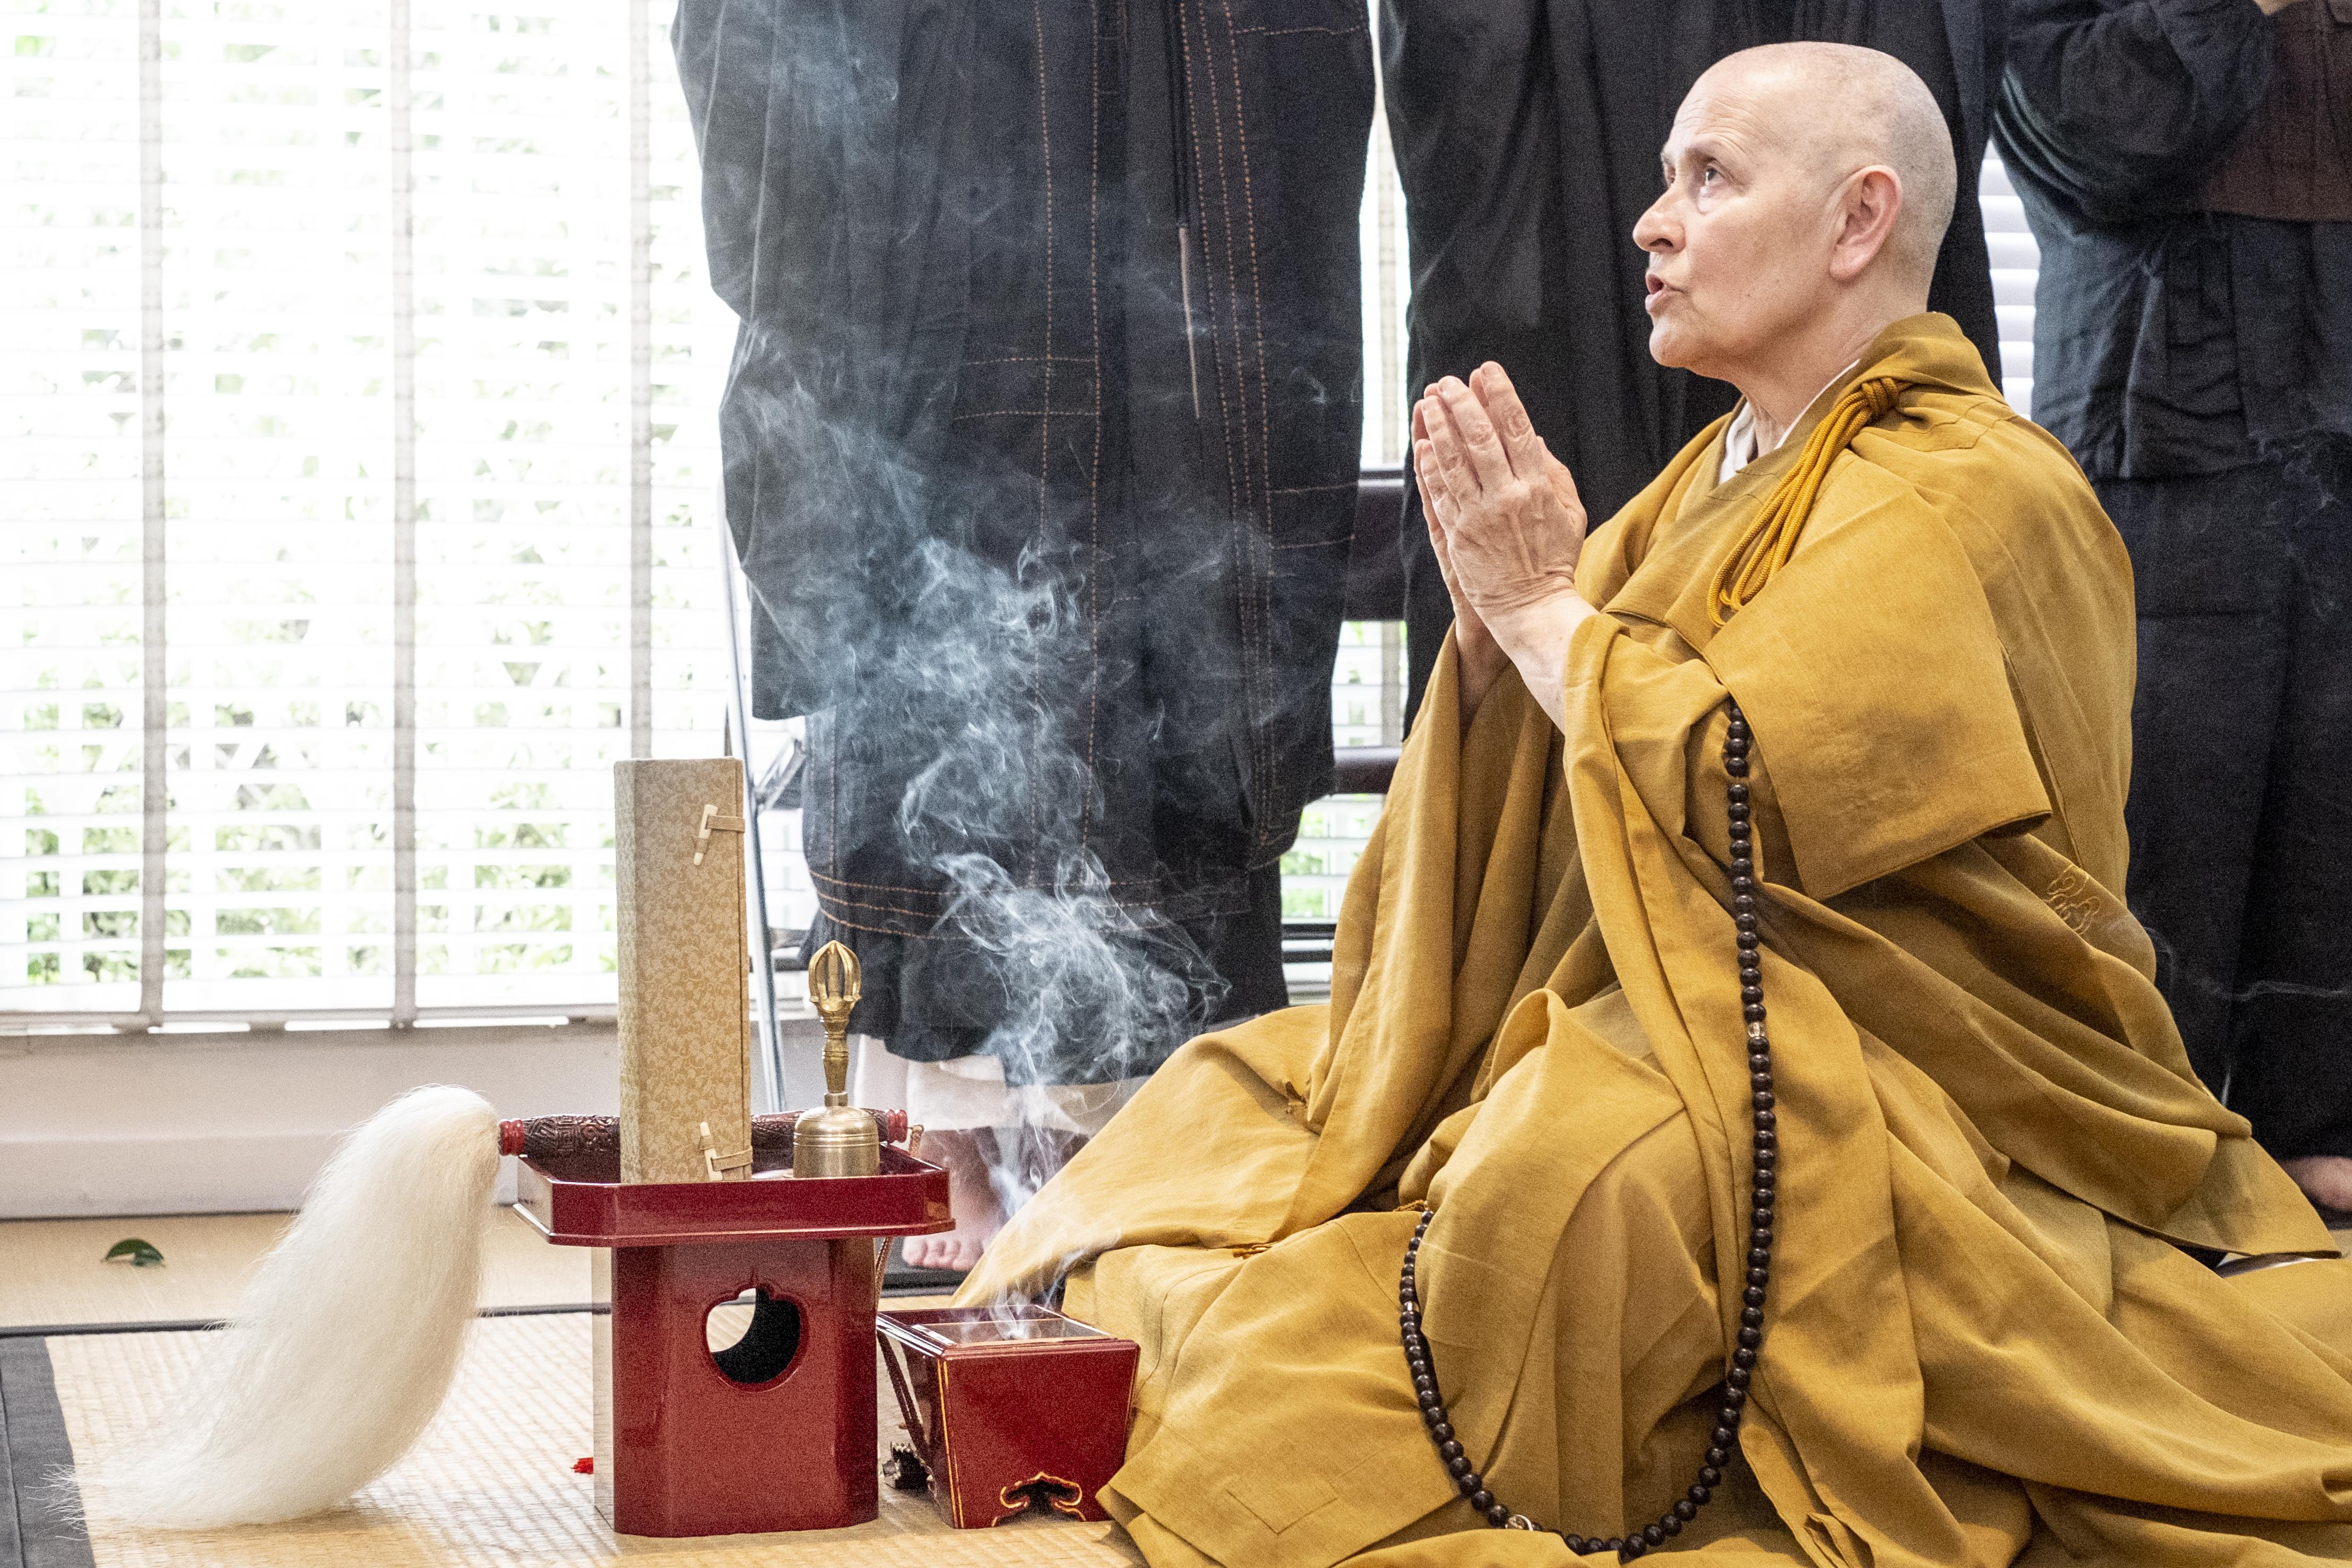 """Monja Coen, fundadora da Comunidade Zen Budista Zendo Brasil: """"Não seja violenta com seu corpo, veja o que seu corpo pode fazer, mas também não seja limitada pelo seu limite"""""""